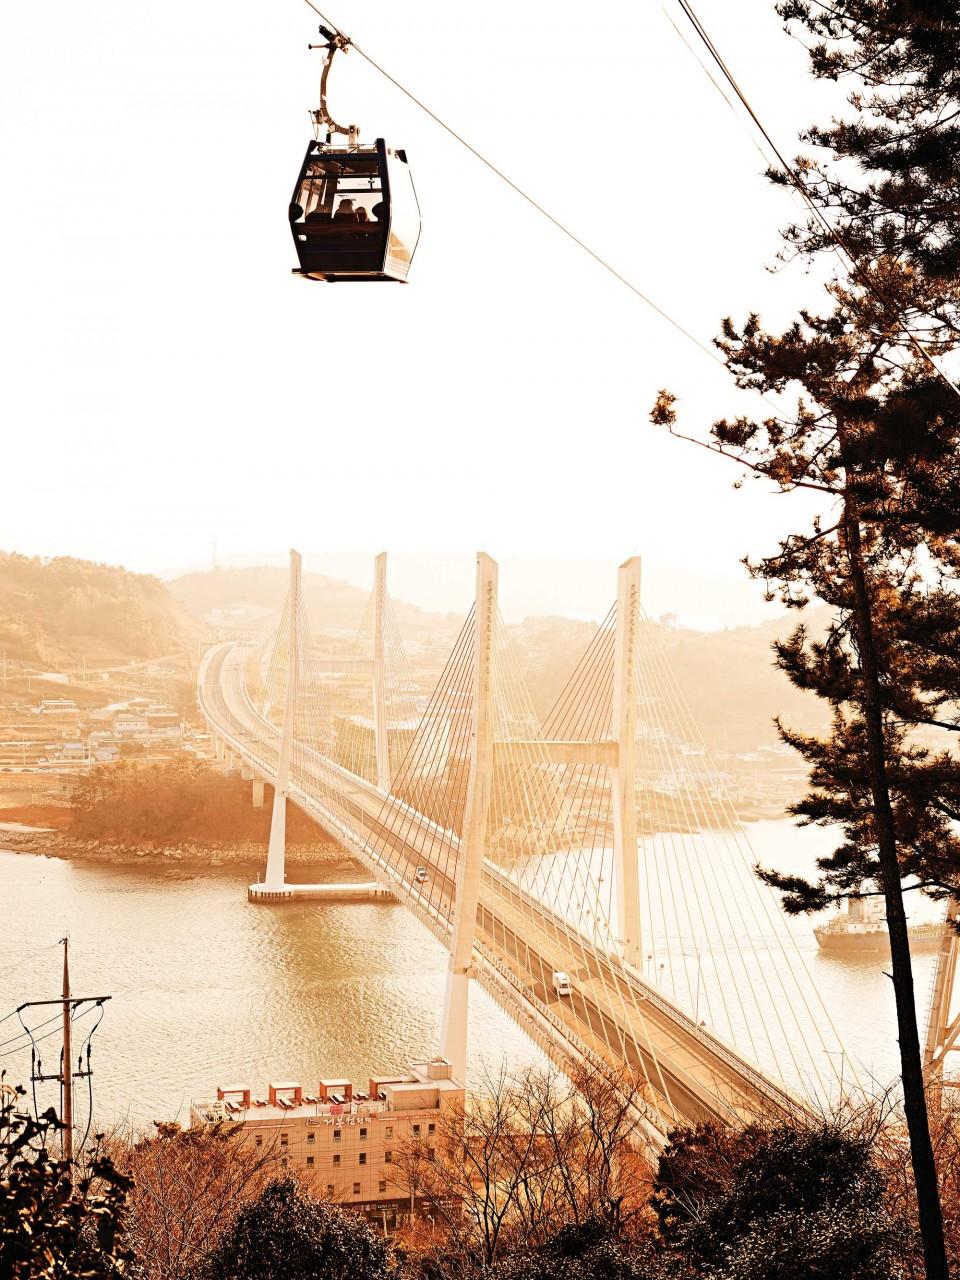 해상케이블카를 타면 돌산대교의 절경이 한눈에 들어온다. © 김재욱